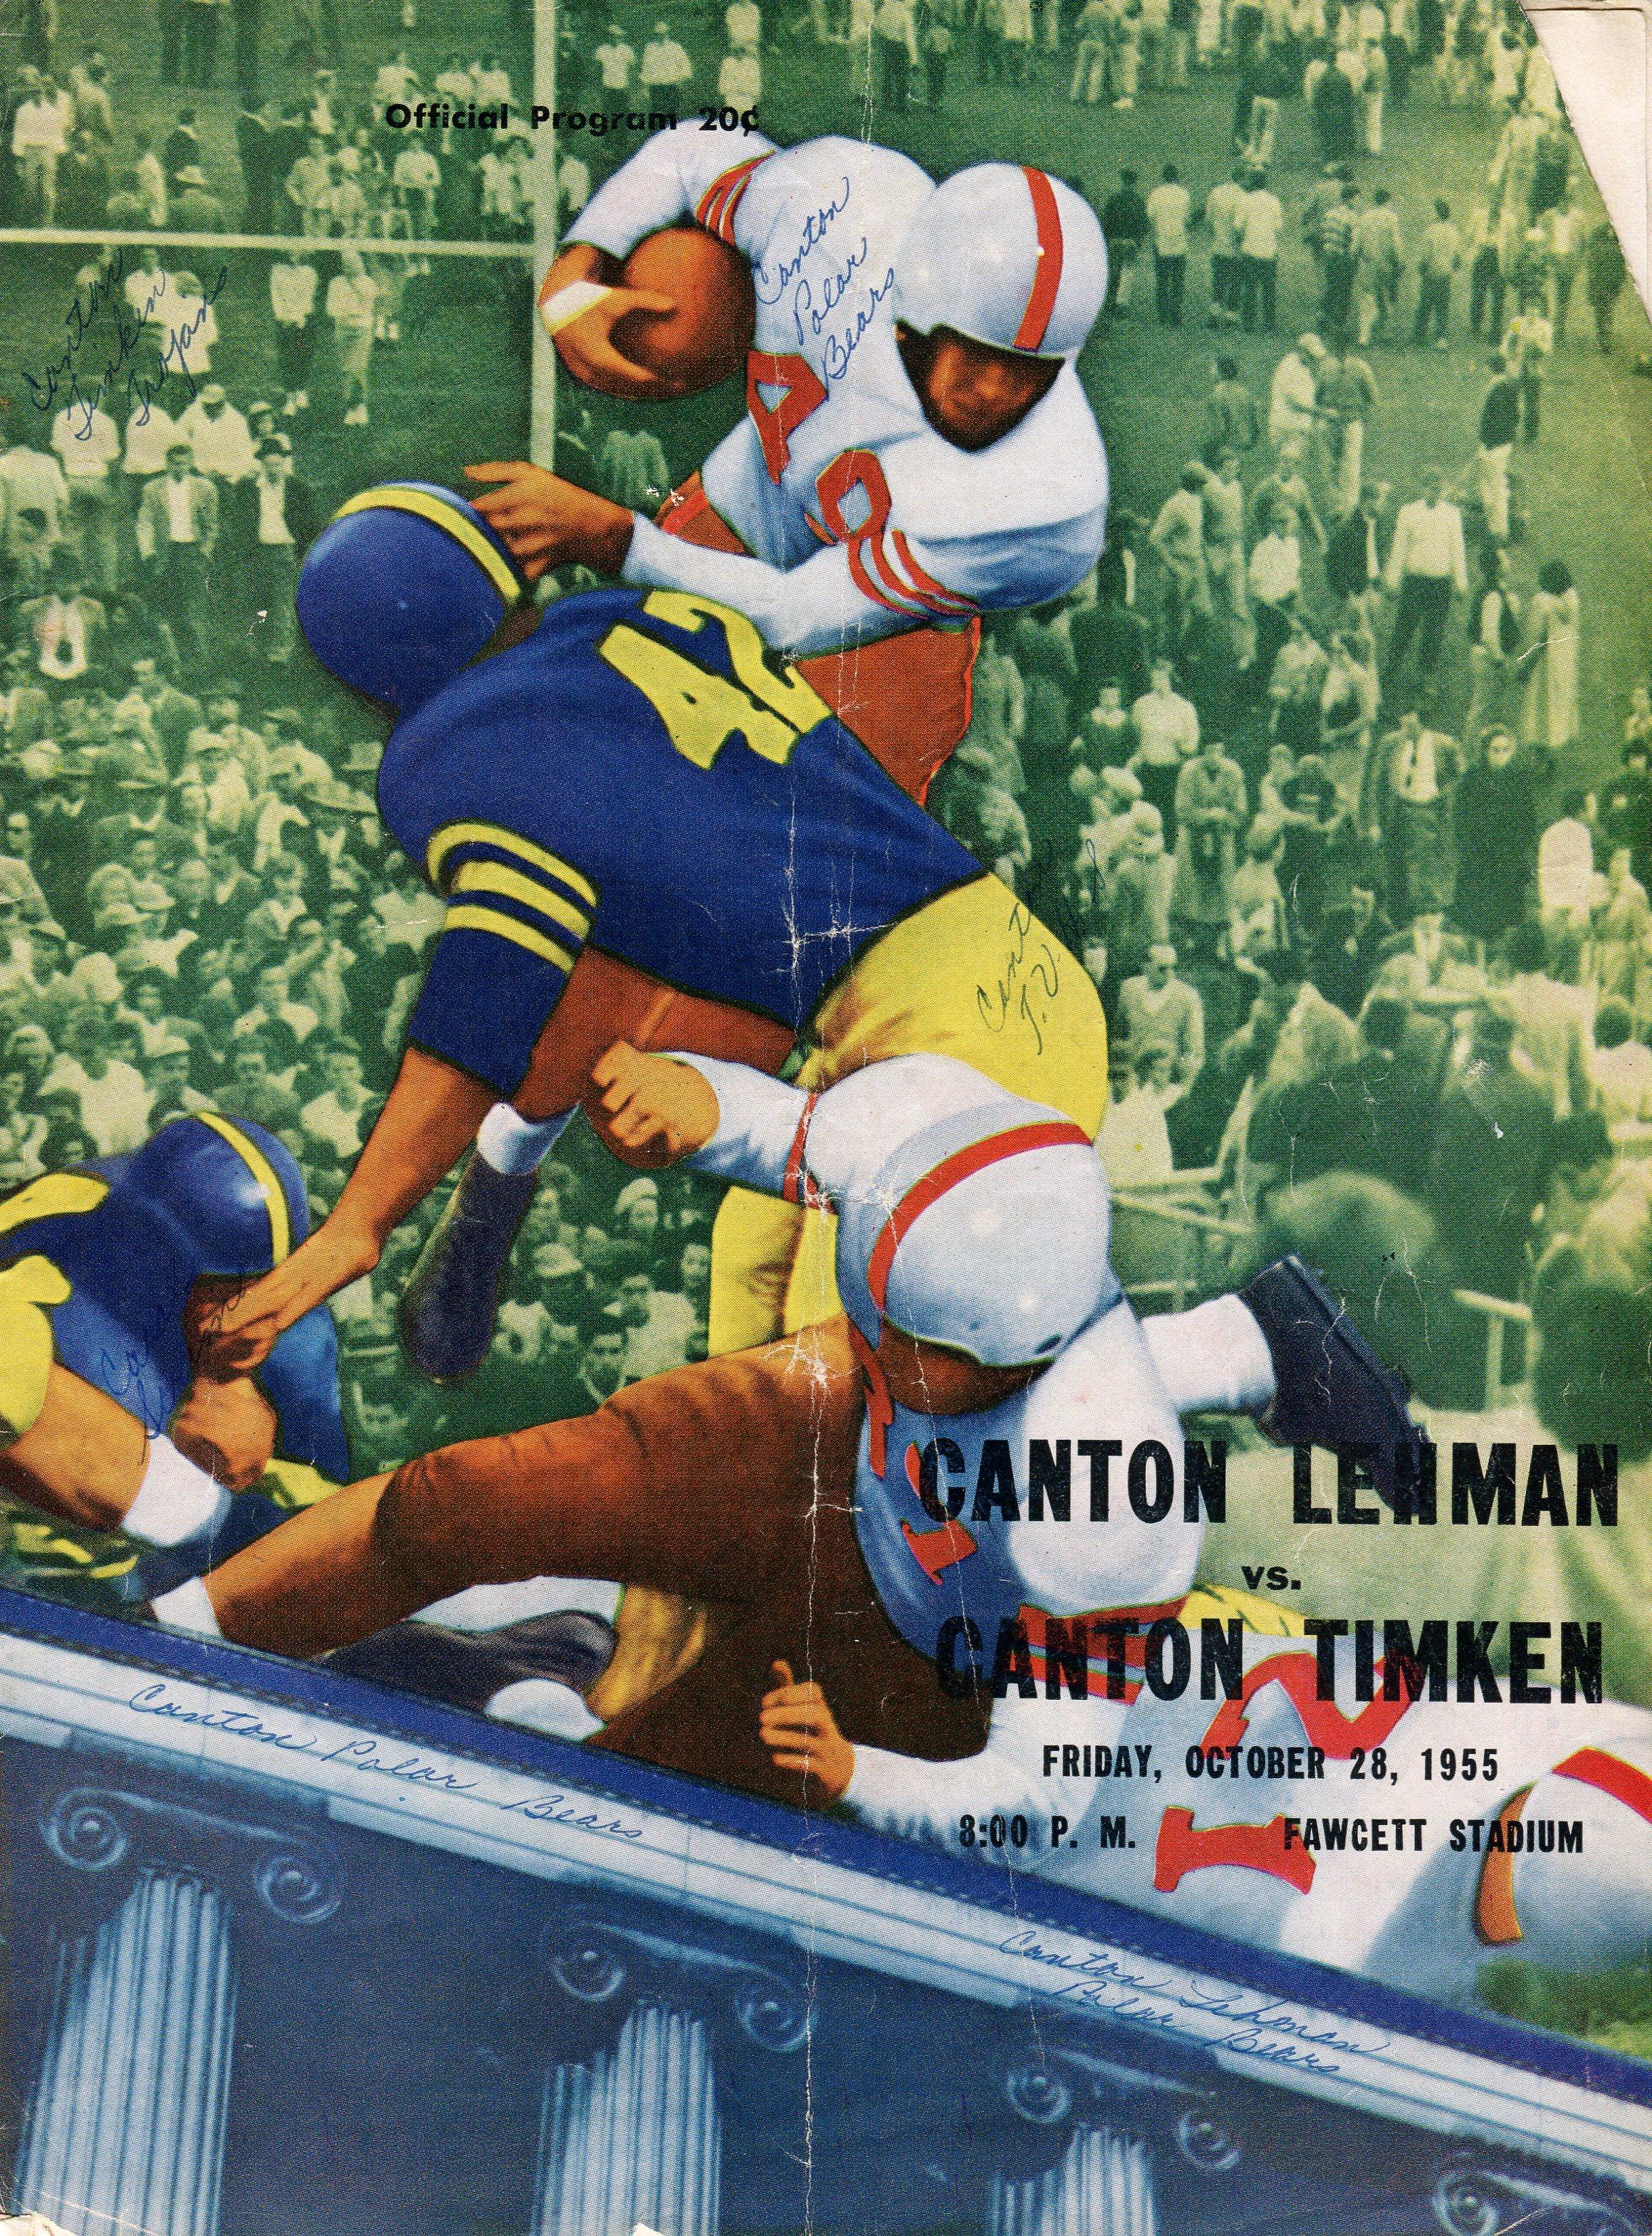 Timken 1955 (2)